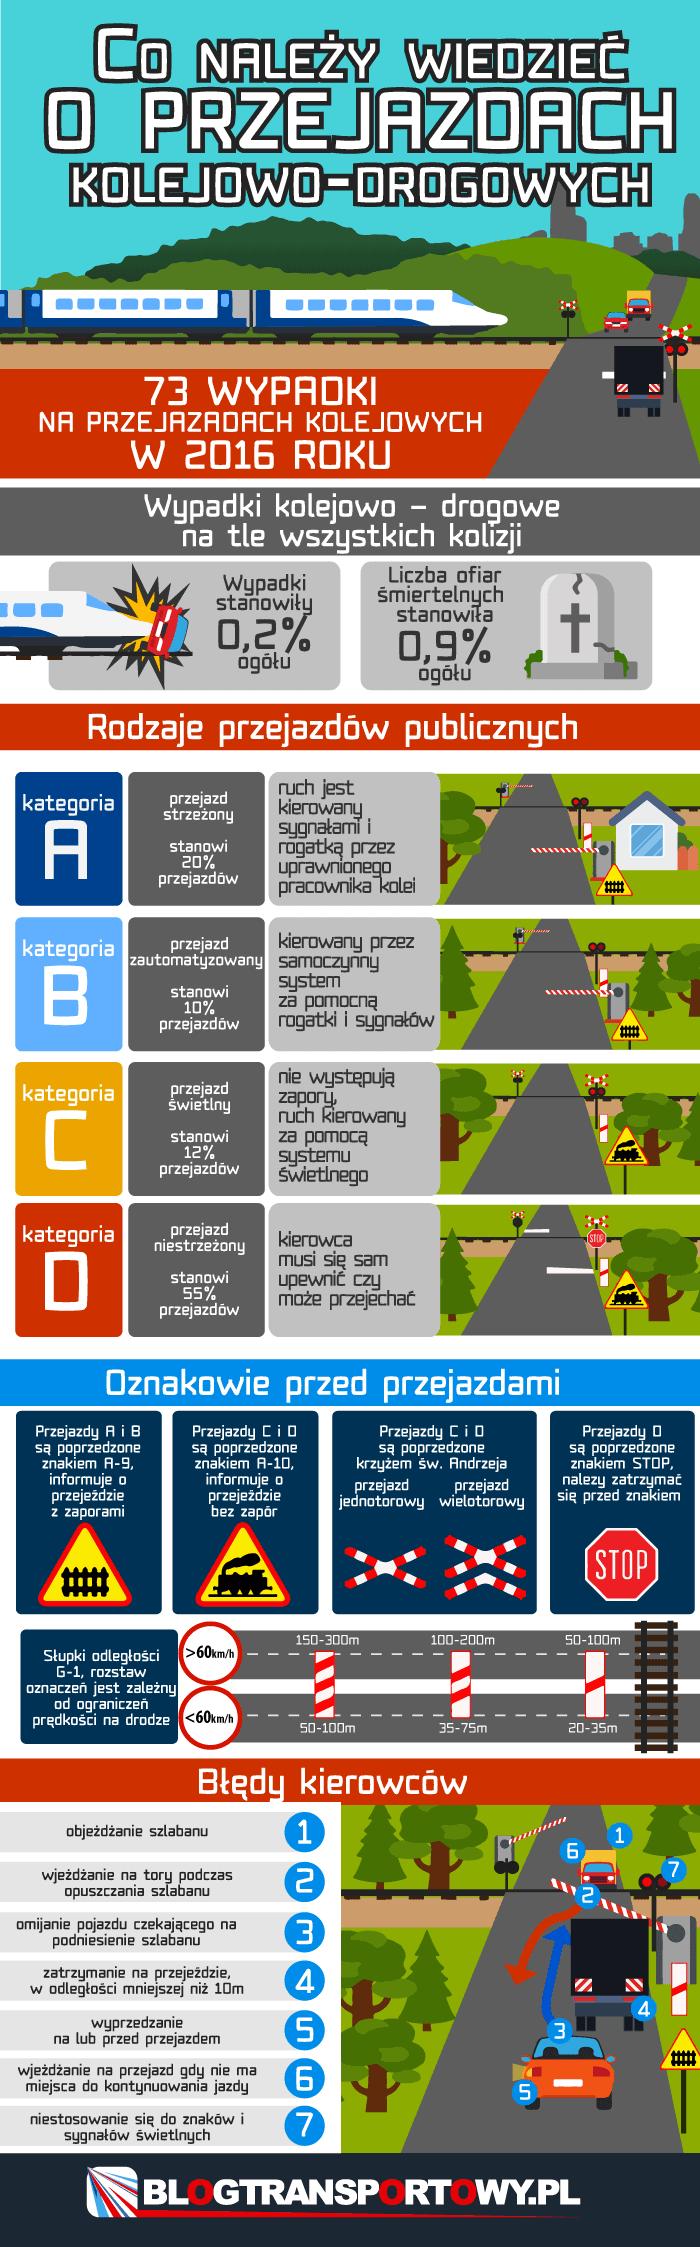 Co należy wiedzieć o przejazdach kolejowo-drogowych?